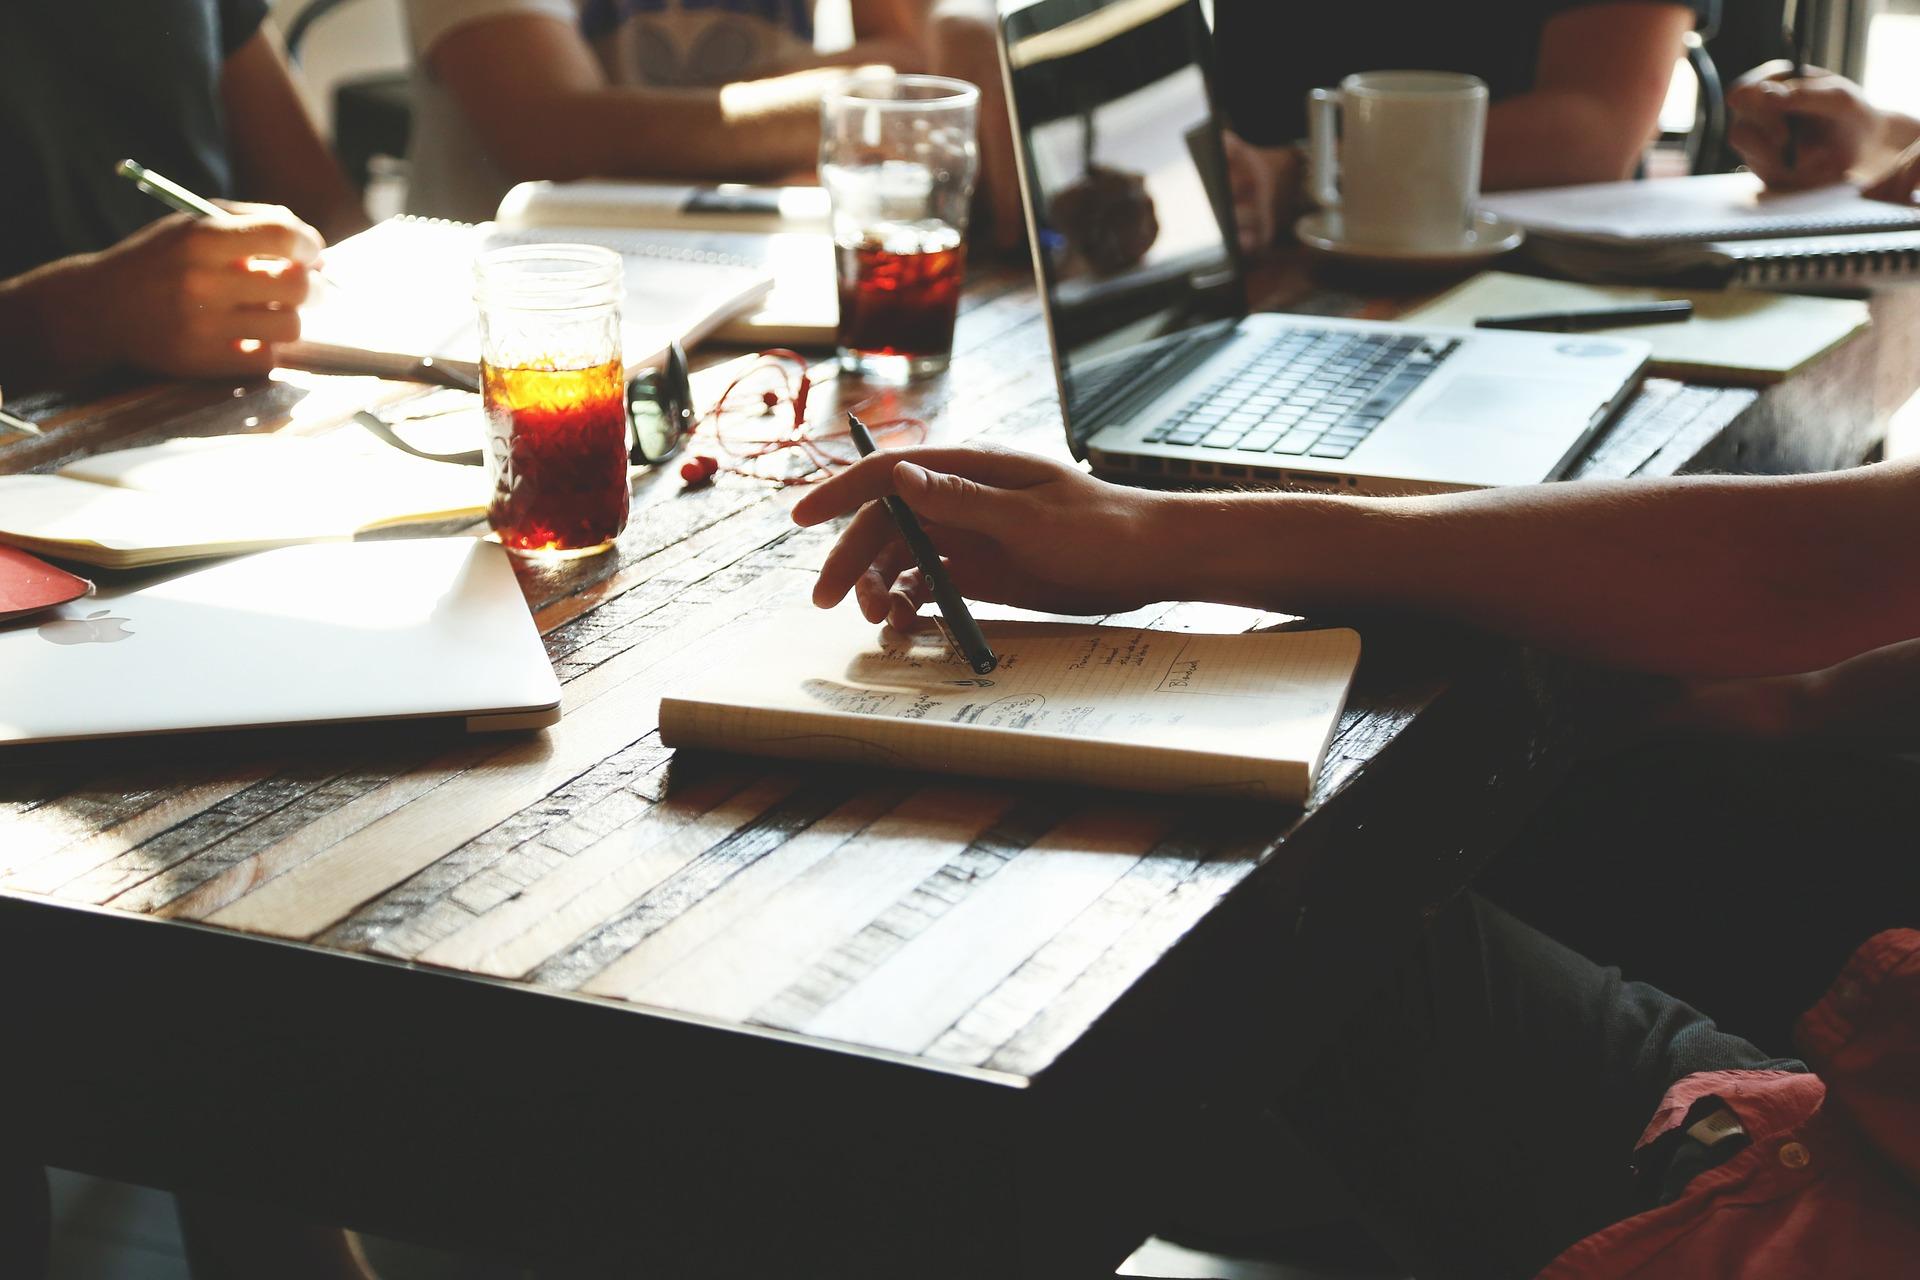 An einem Tisch sitzen sich vier Personen gegenüber. Von den Personen, die am Tisch sitzen, sind nur die Arme zu sehen. Die Personen halten einen Stift in der Hand. Auf dem Tisch liegen Notizblätter, ein Laptop, Kaffeetasse und zwei Gläser mit brauner Flüssigkeit.